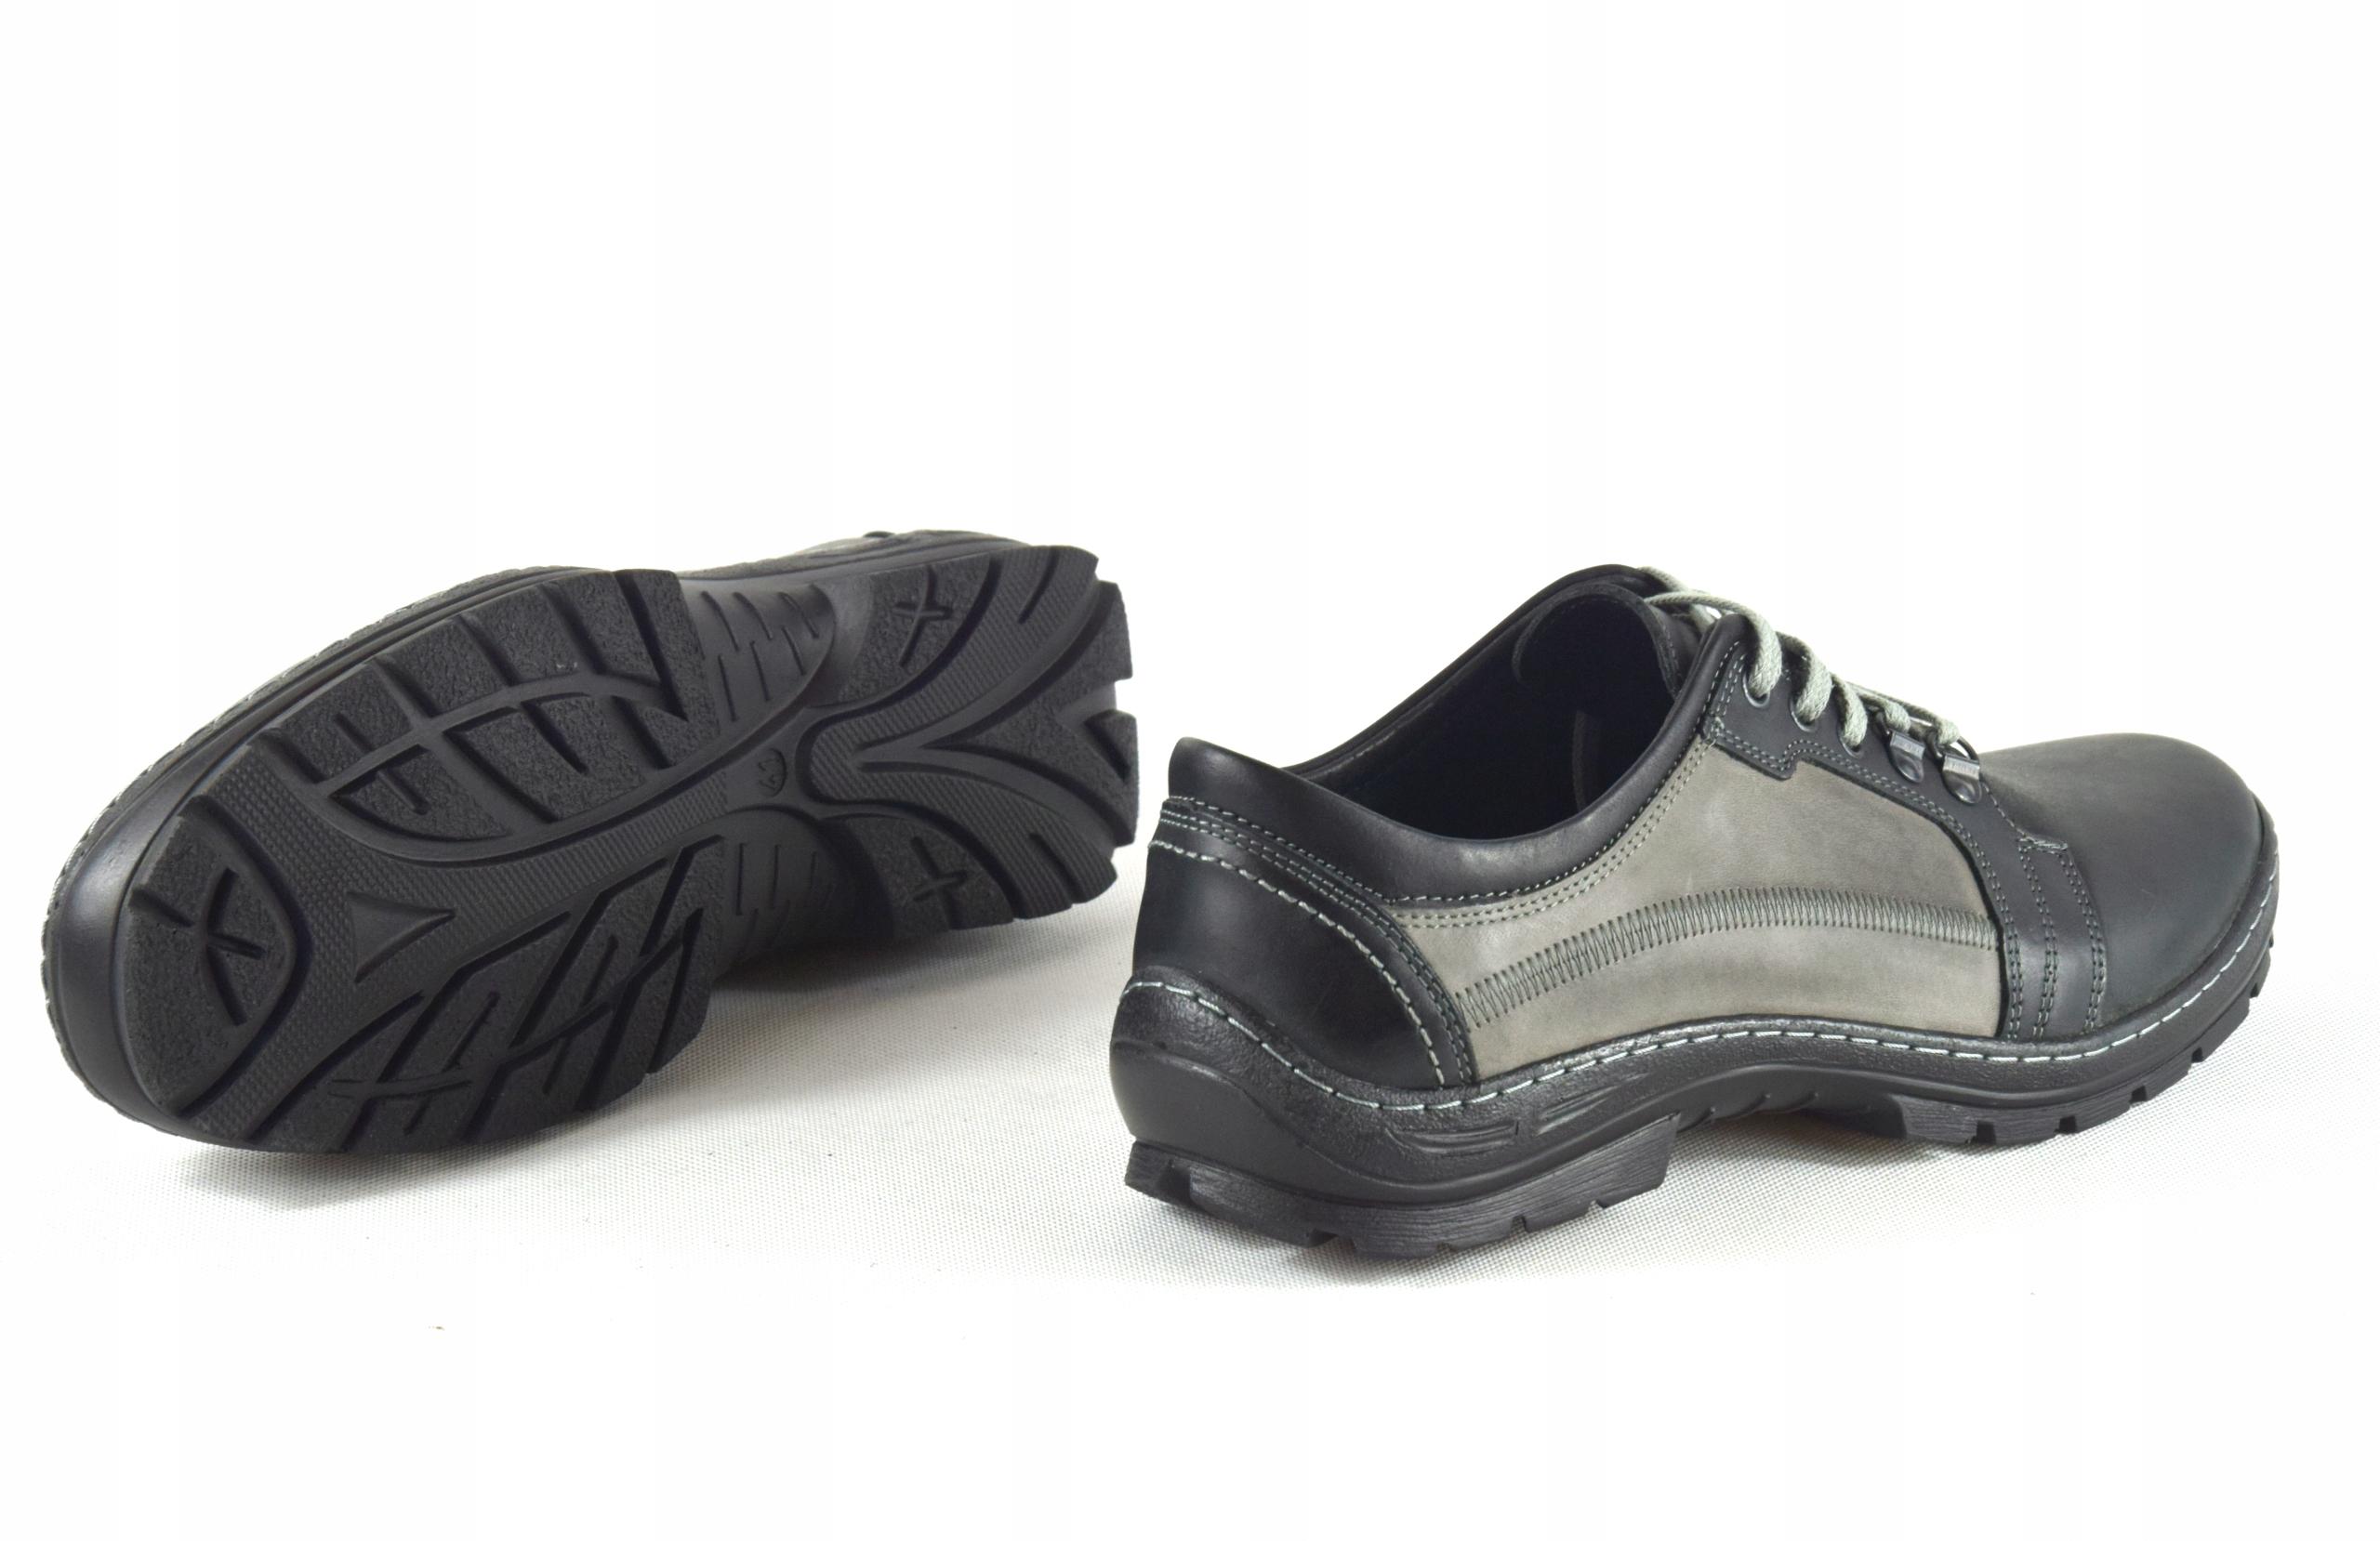 Półbuty trekkingowe męskie buty skórzane PL 192 Materiał zewnętrzny skóra naturalna